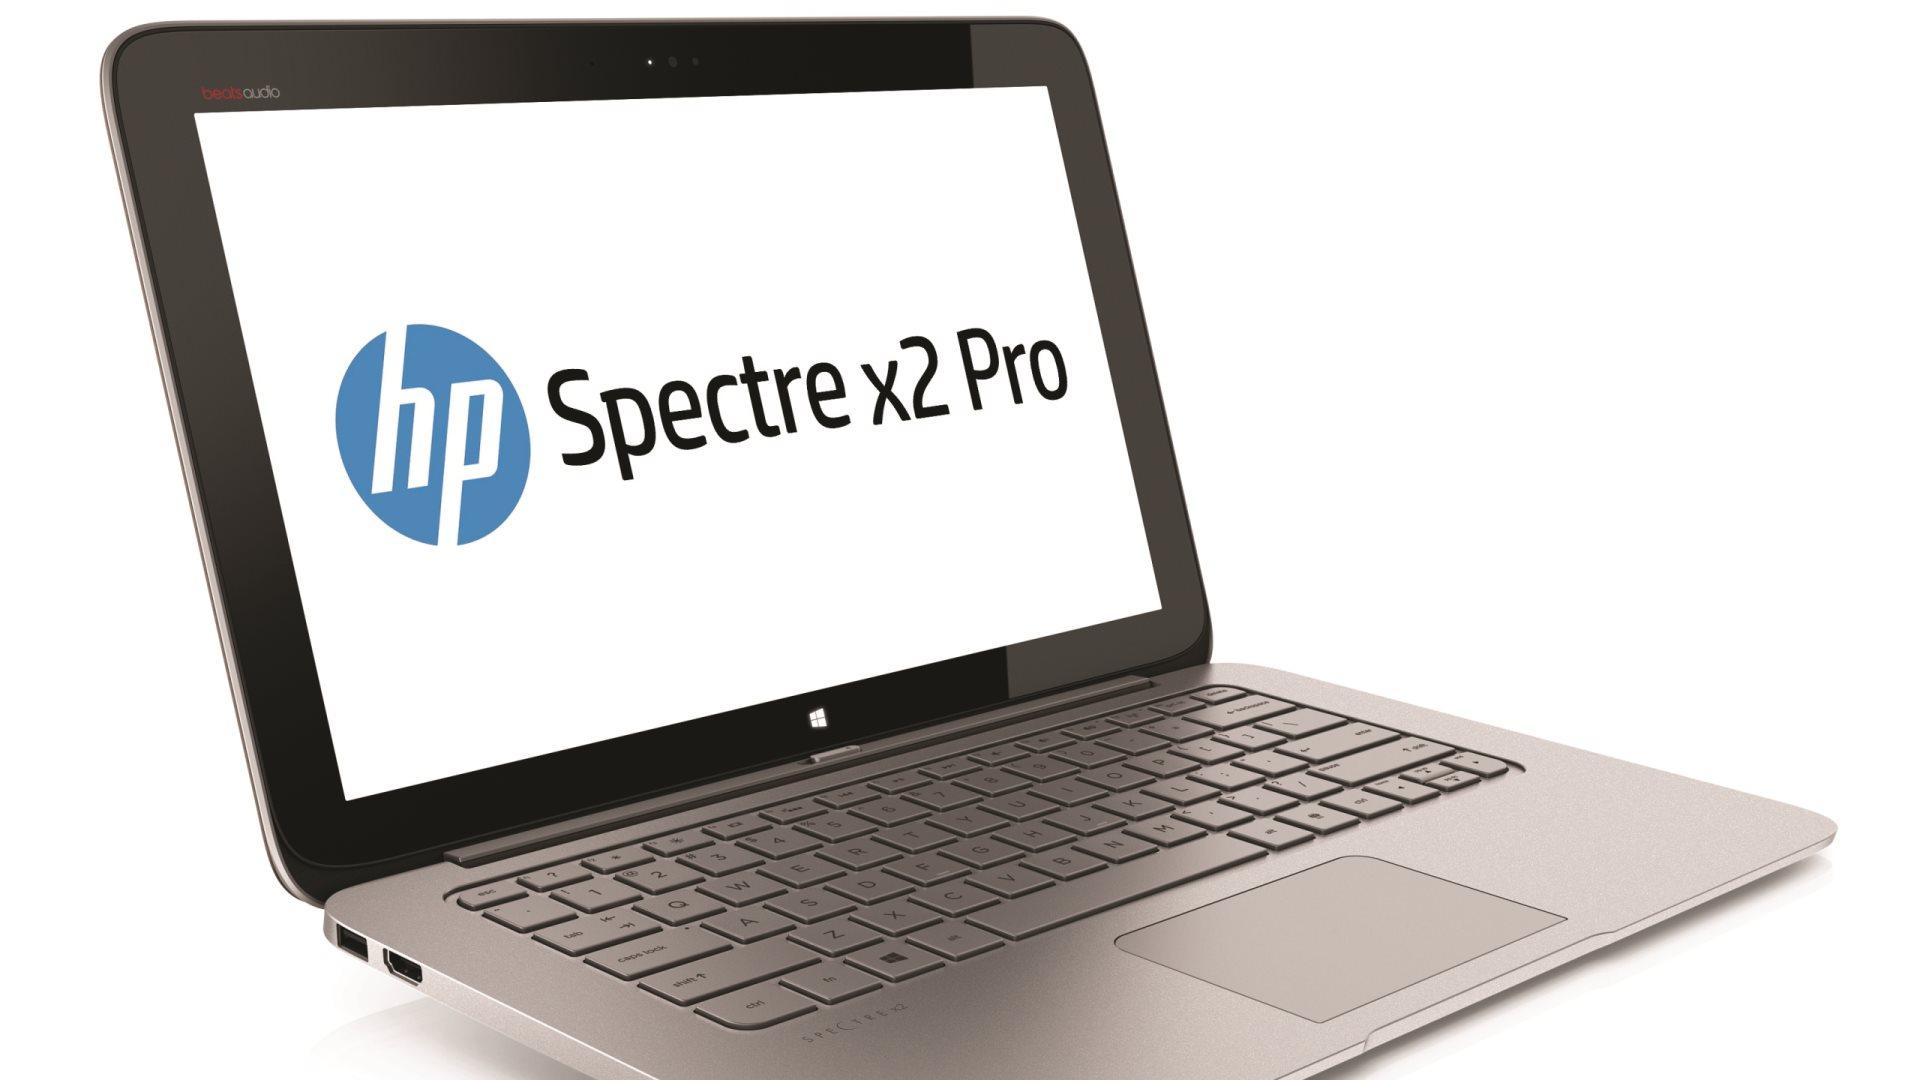 Hp notebook desktop - High Definition Hd 1920x1080